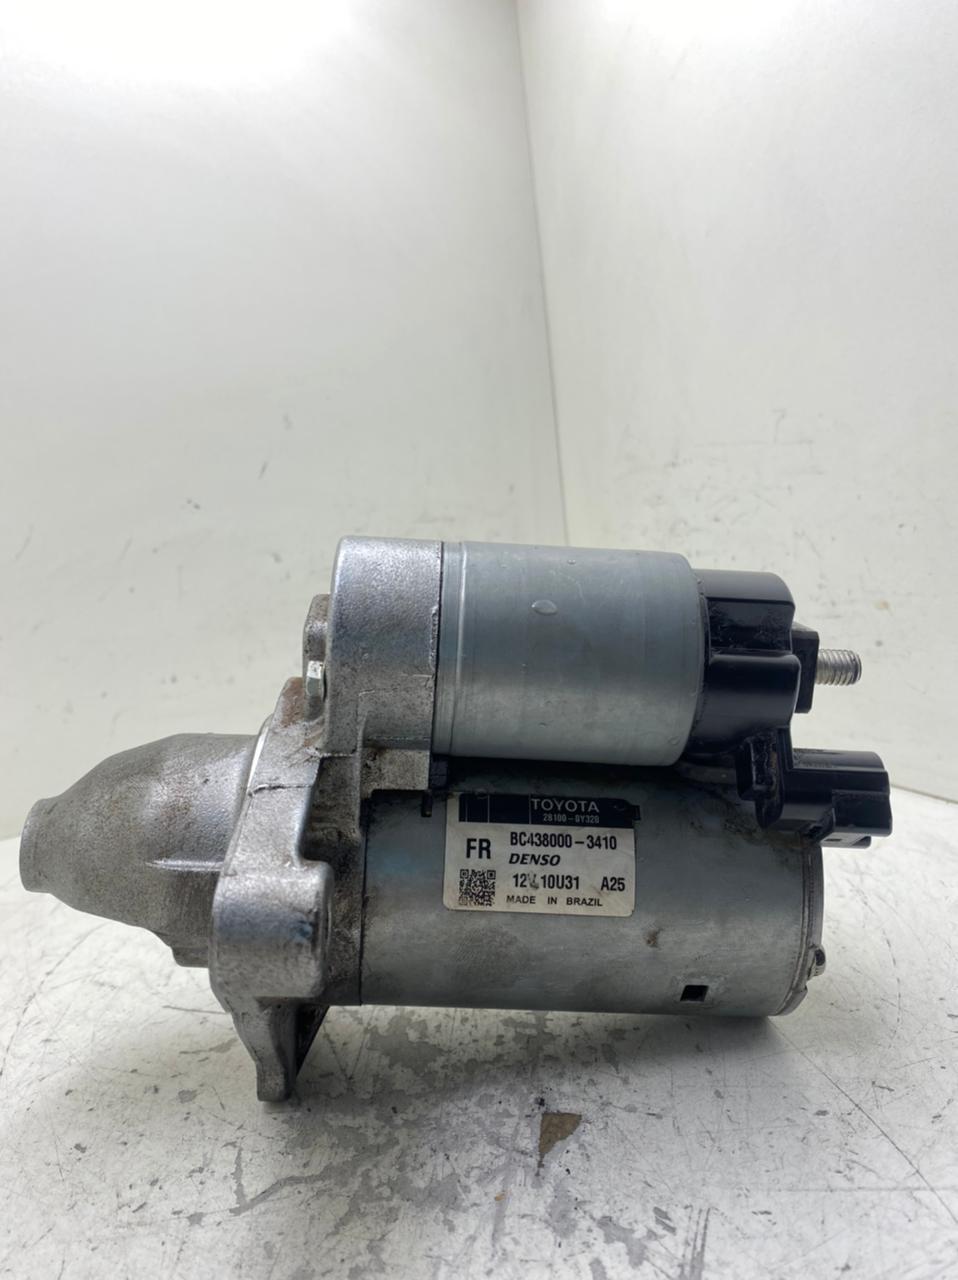 Motor de Arranque ETIOS 1.3 1.5 BC281000Y220 281000Y220 281000Y070 4380000590 BC4380003410 10U31A25 281000Y320